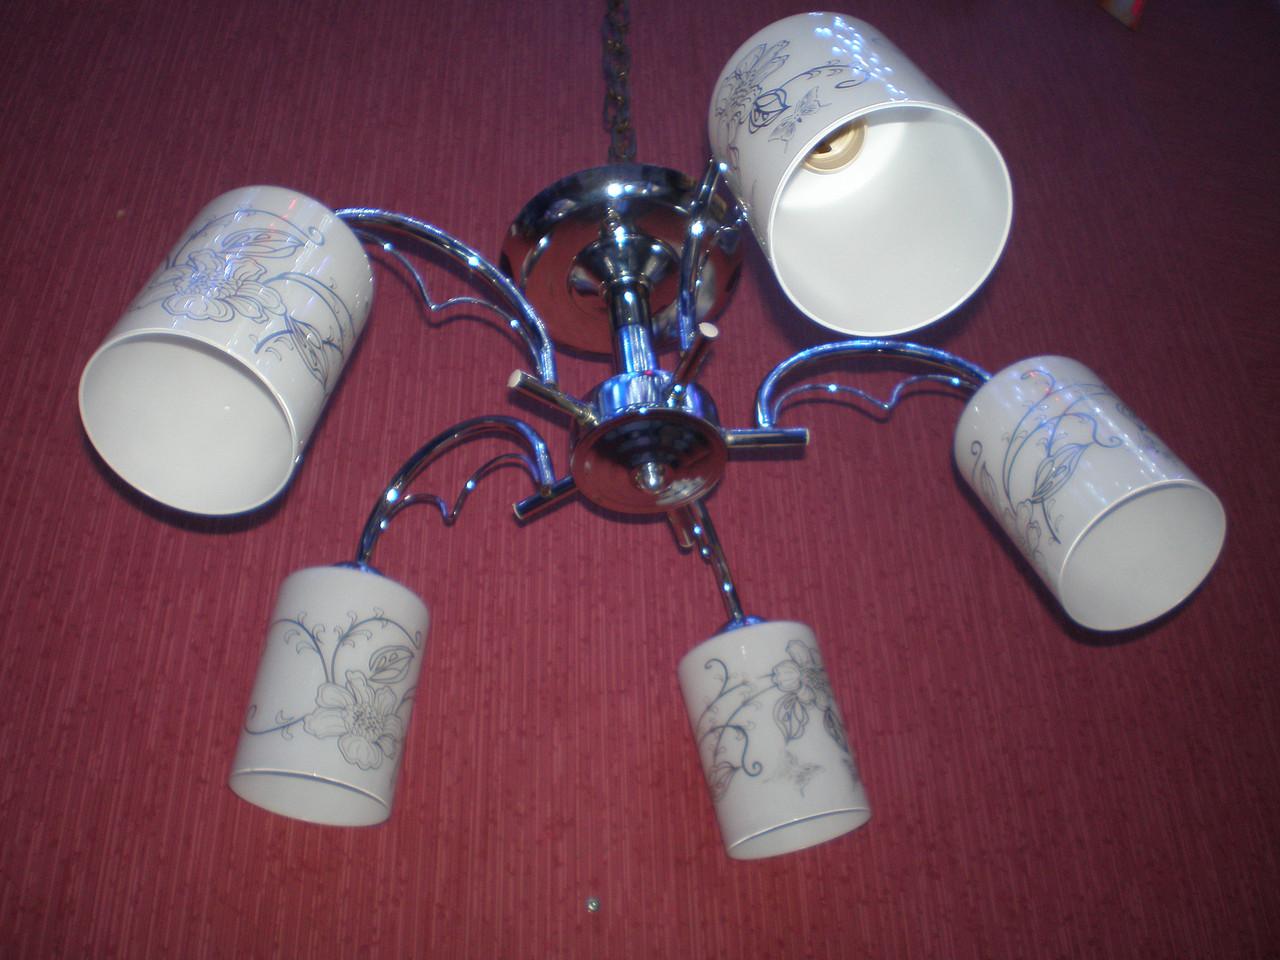 Люстра на 5 лампочек для потолков средней высоты CR (хром)  P6-30417/5/CR (2шт. - ящ.)